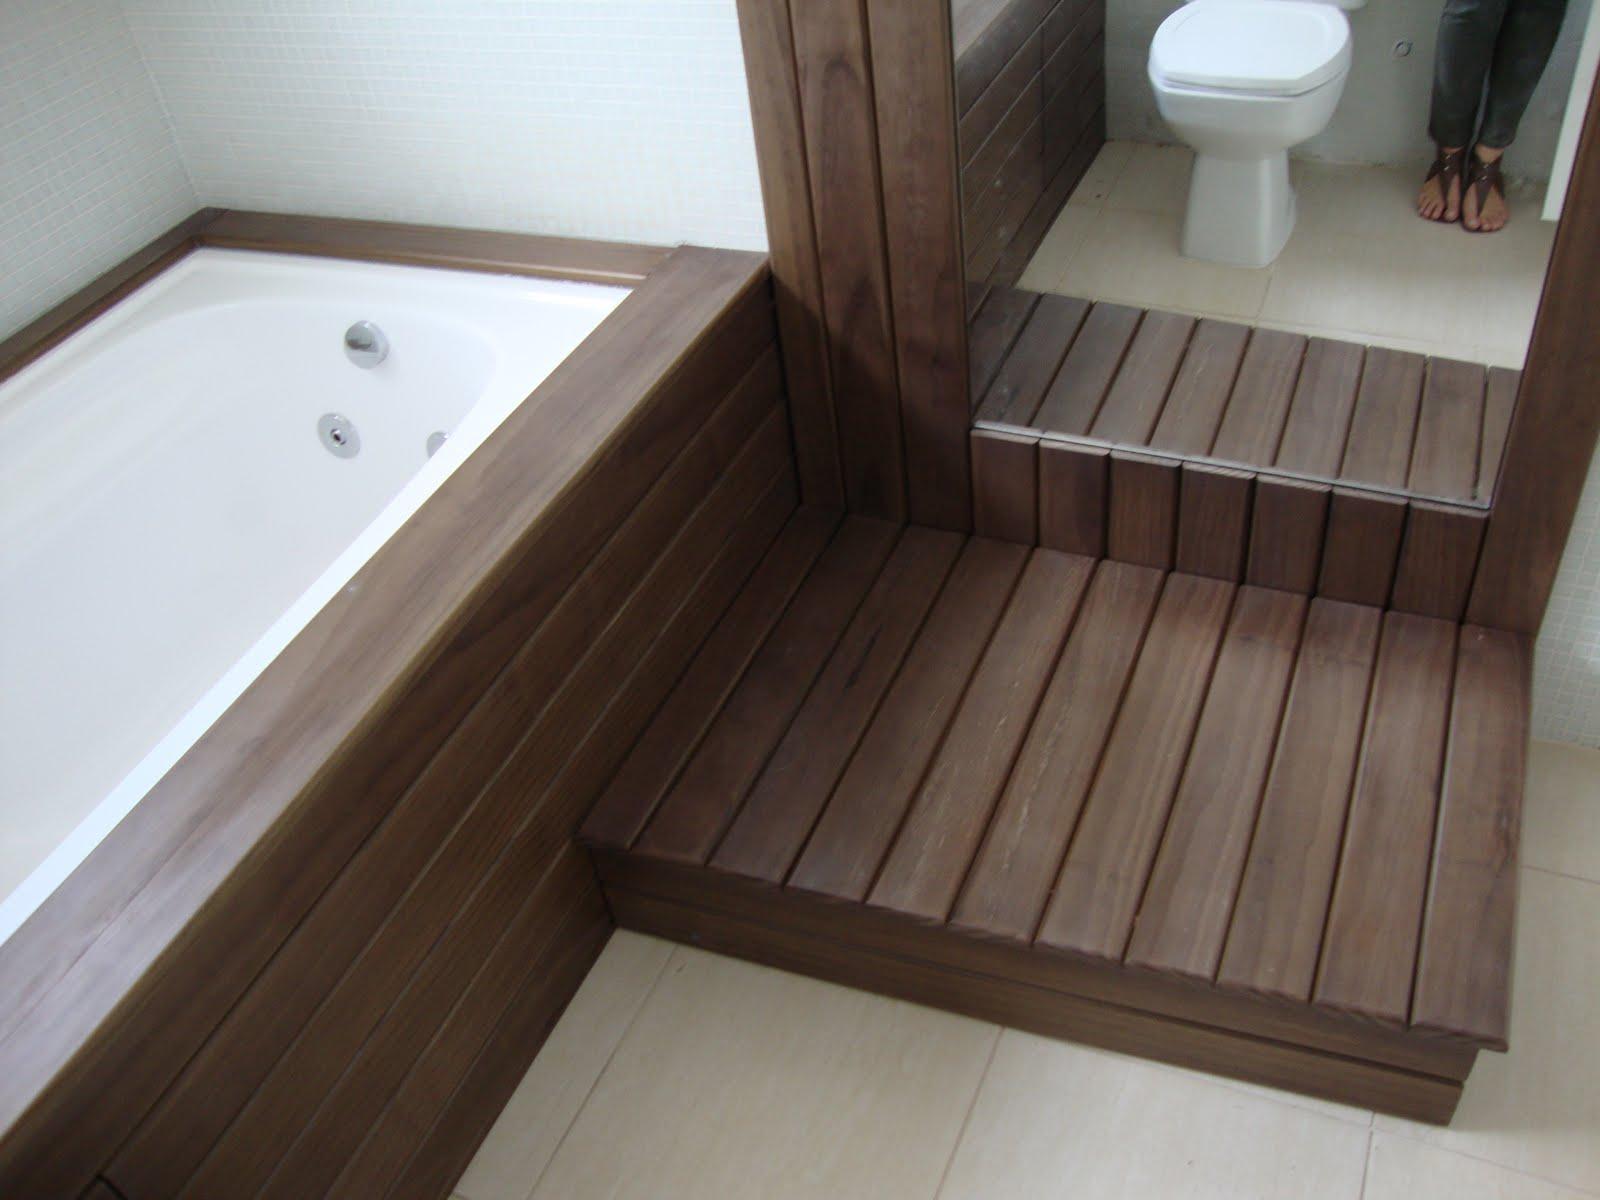 Arquiteta Bárbara Essig: Banheiro da Suíte em deck de pinus no  #382922 1600 1200